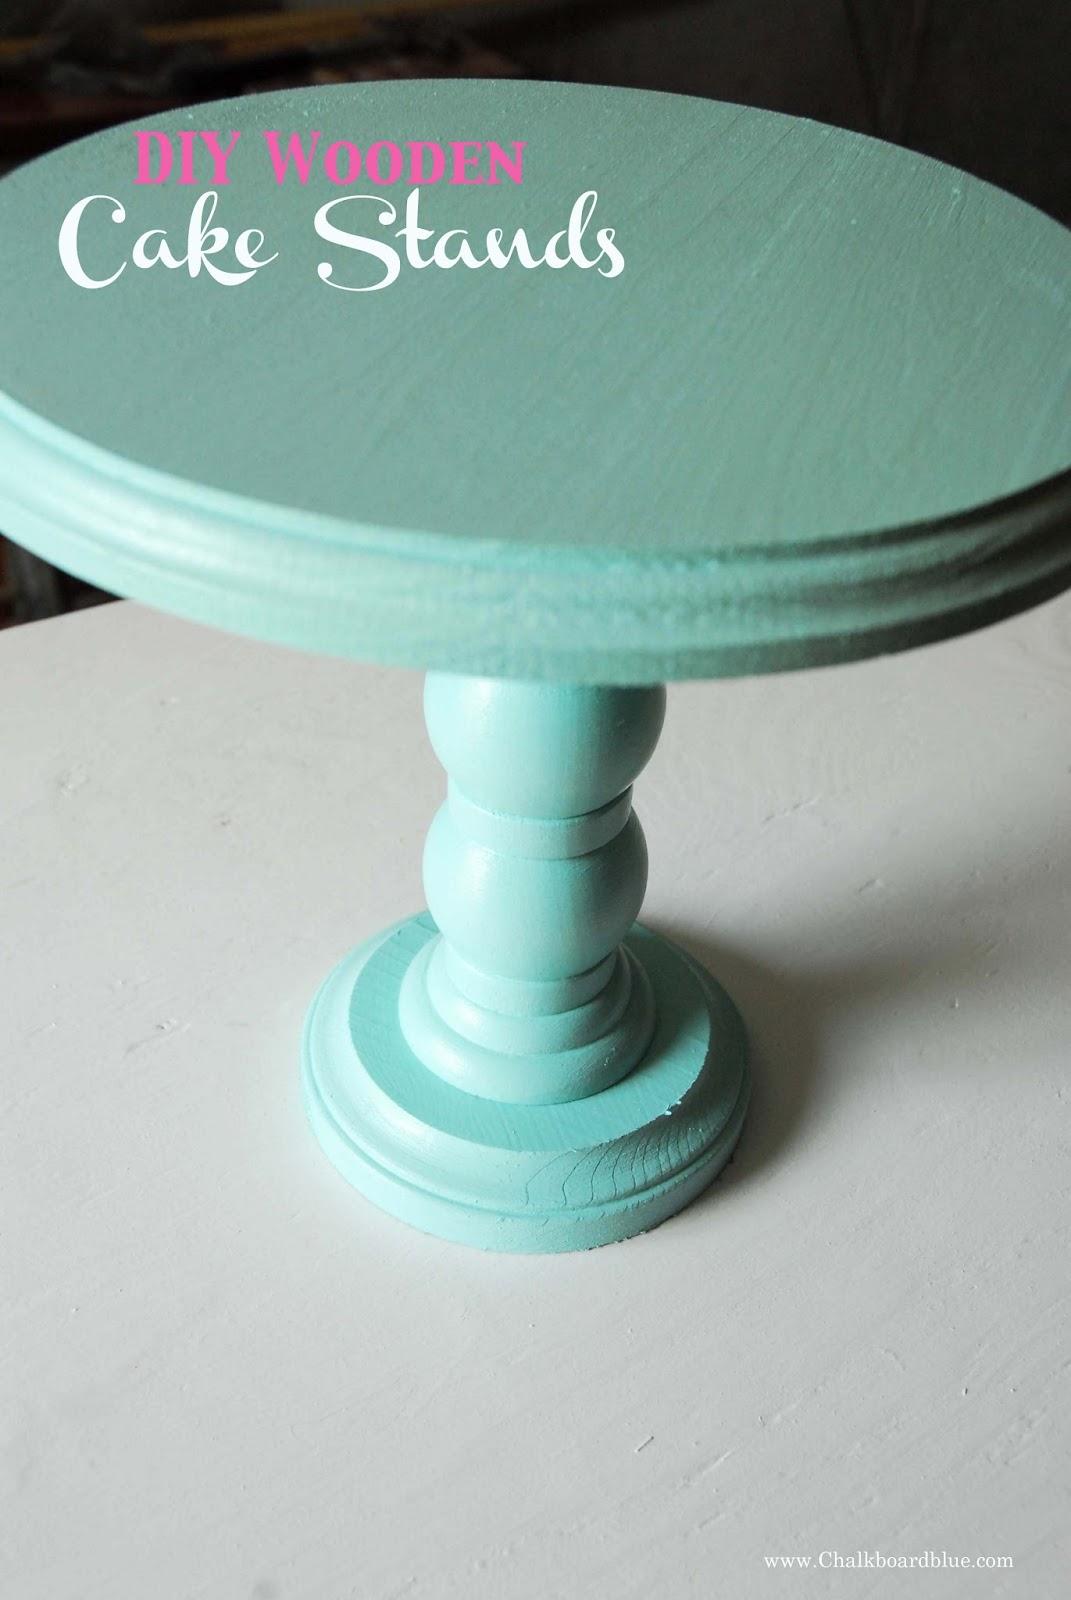 Diy Wooden Stands ~ Chalkboard blue diy wooden cake stands